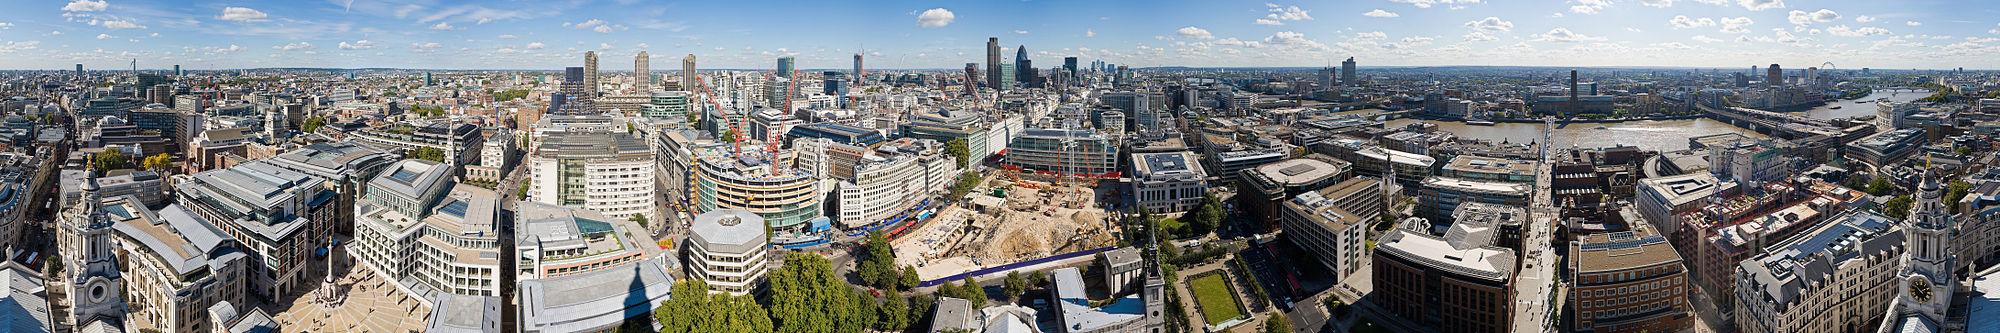 צילום פנורמי של לונדון - מושיק טיסונה